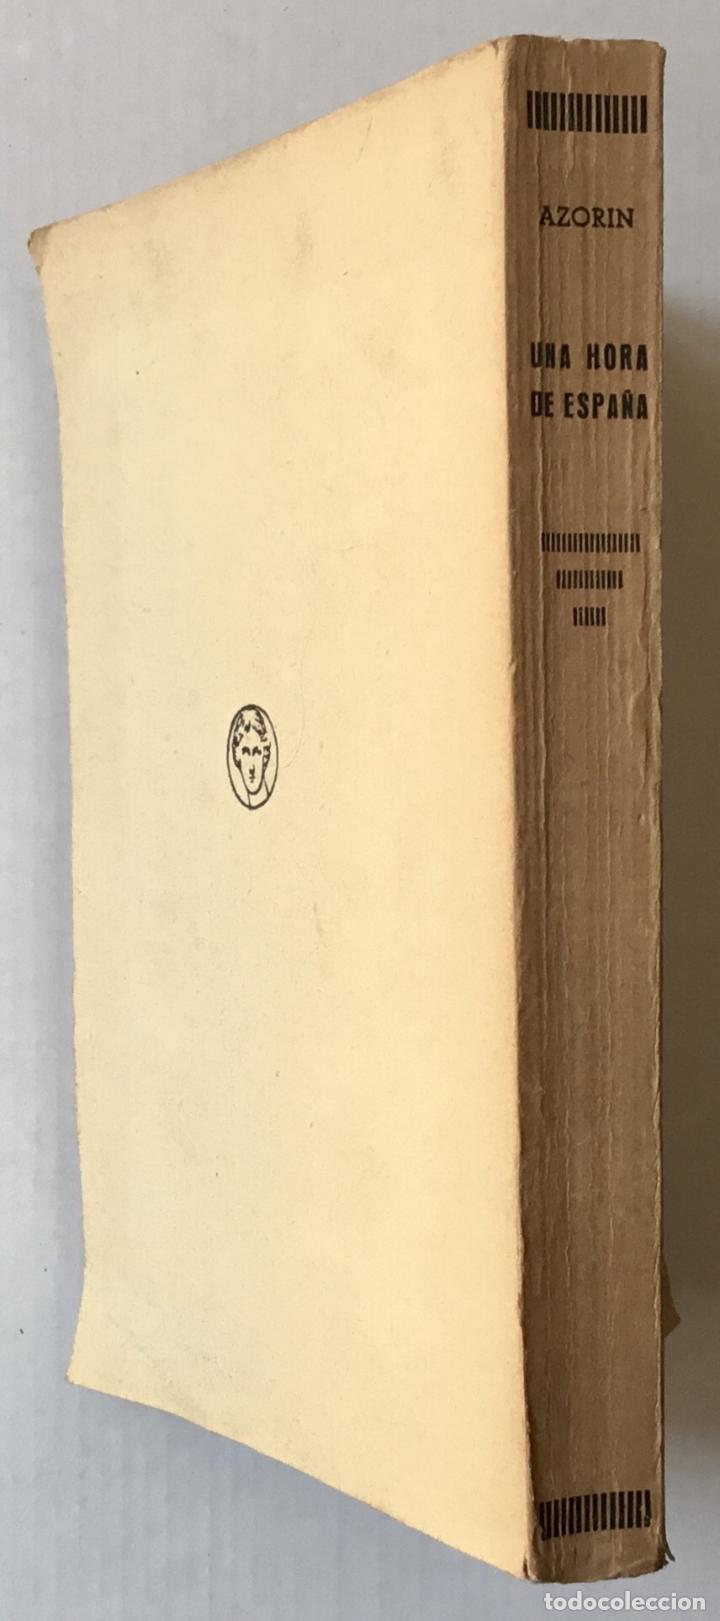 Libros antiguos: UNA HORA DE ESPAÑA. (ENTRE 1560 Y 1590). - AZORÍN. [José Martínez Ruiz]. - Madrid, 1939. - Foto 5 - 172083027